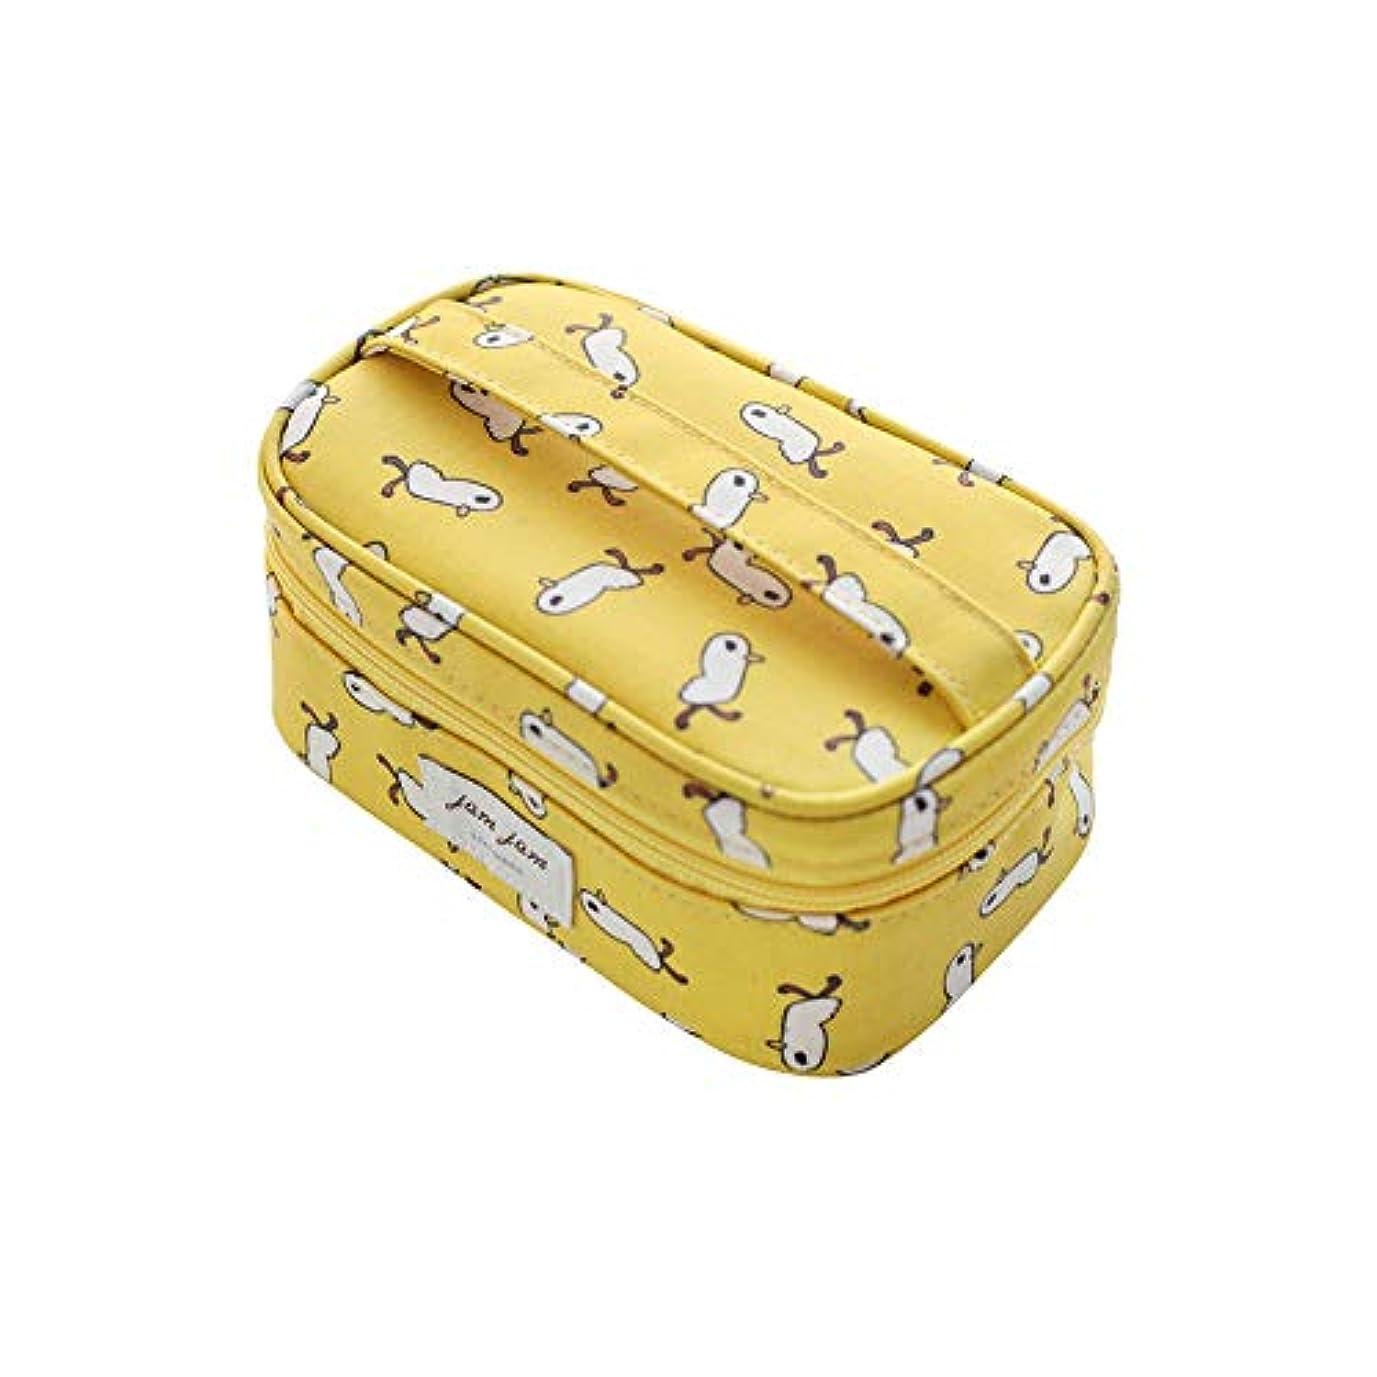 活性化権威マネージャー[LIVEWORK] JAMJAM makeup pouch (duck) ジェムジェムメイクポーチ(あひる) ブラッシュ メイクアップ イエロー 黄色